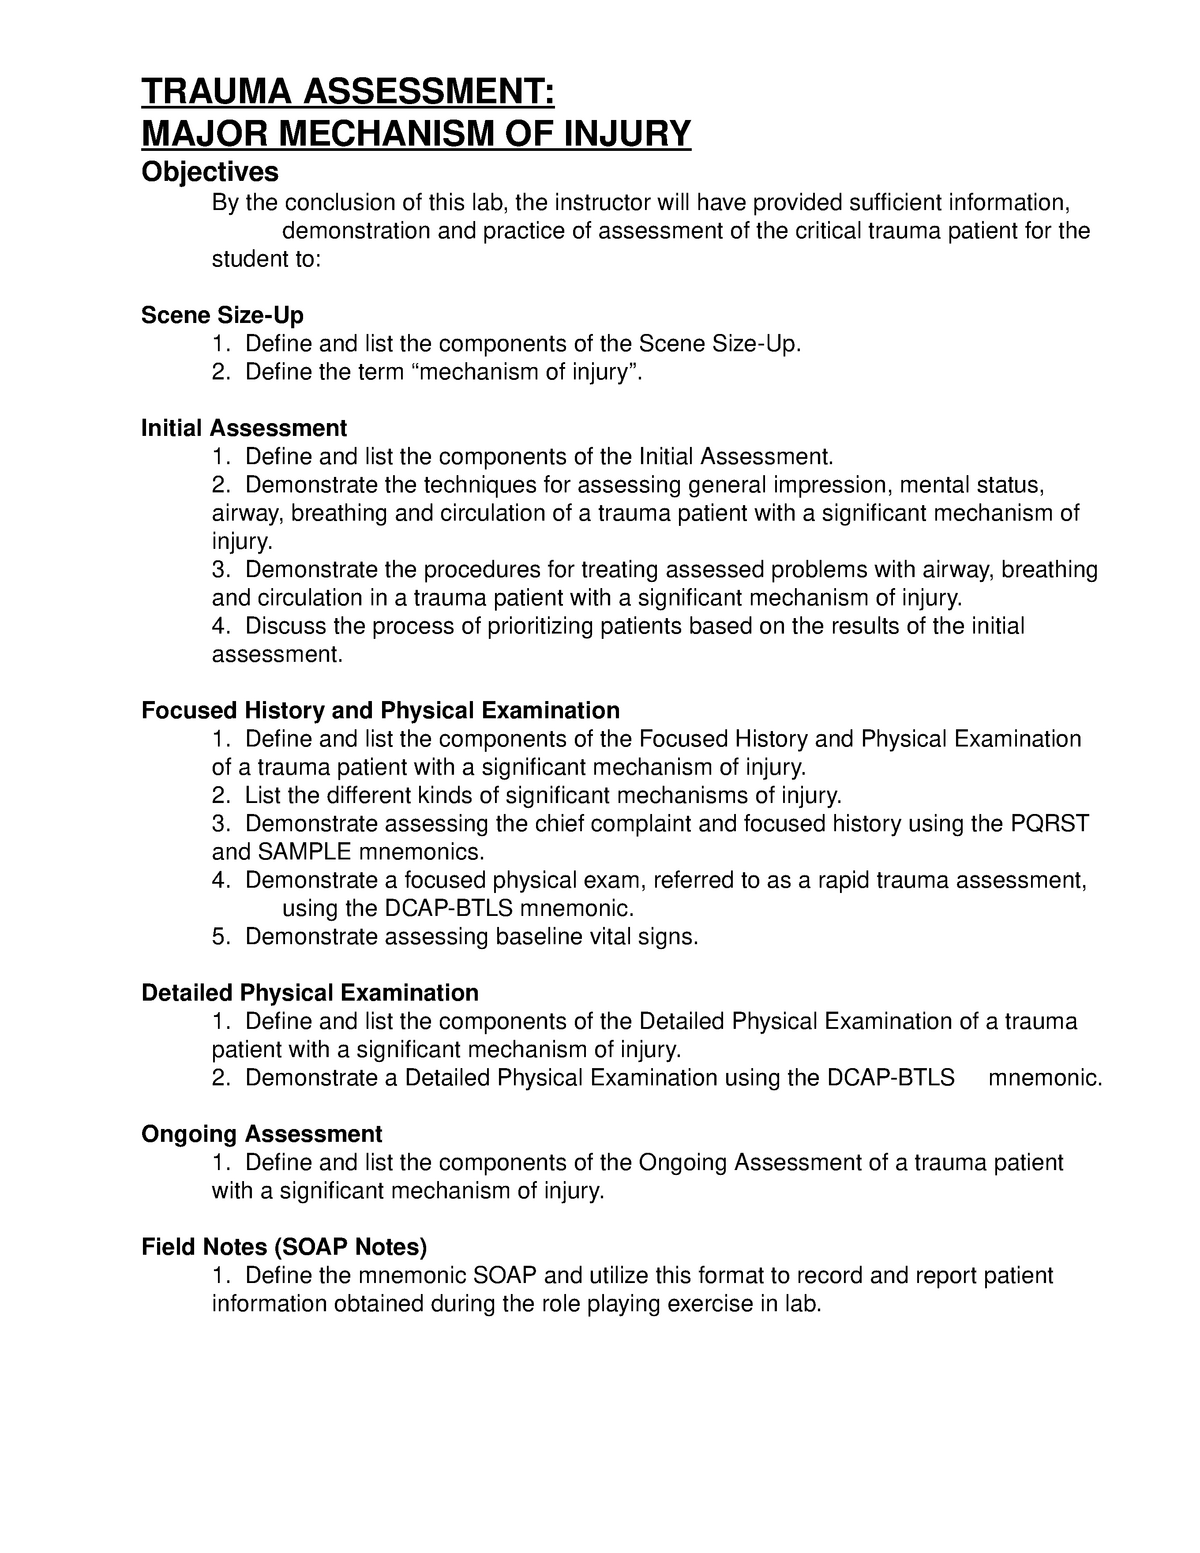 09-PA- Major - Notes on - KIN 685 Emer Med Care: Emt Lab